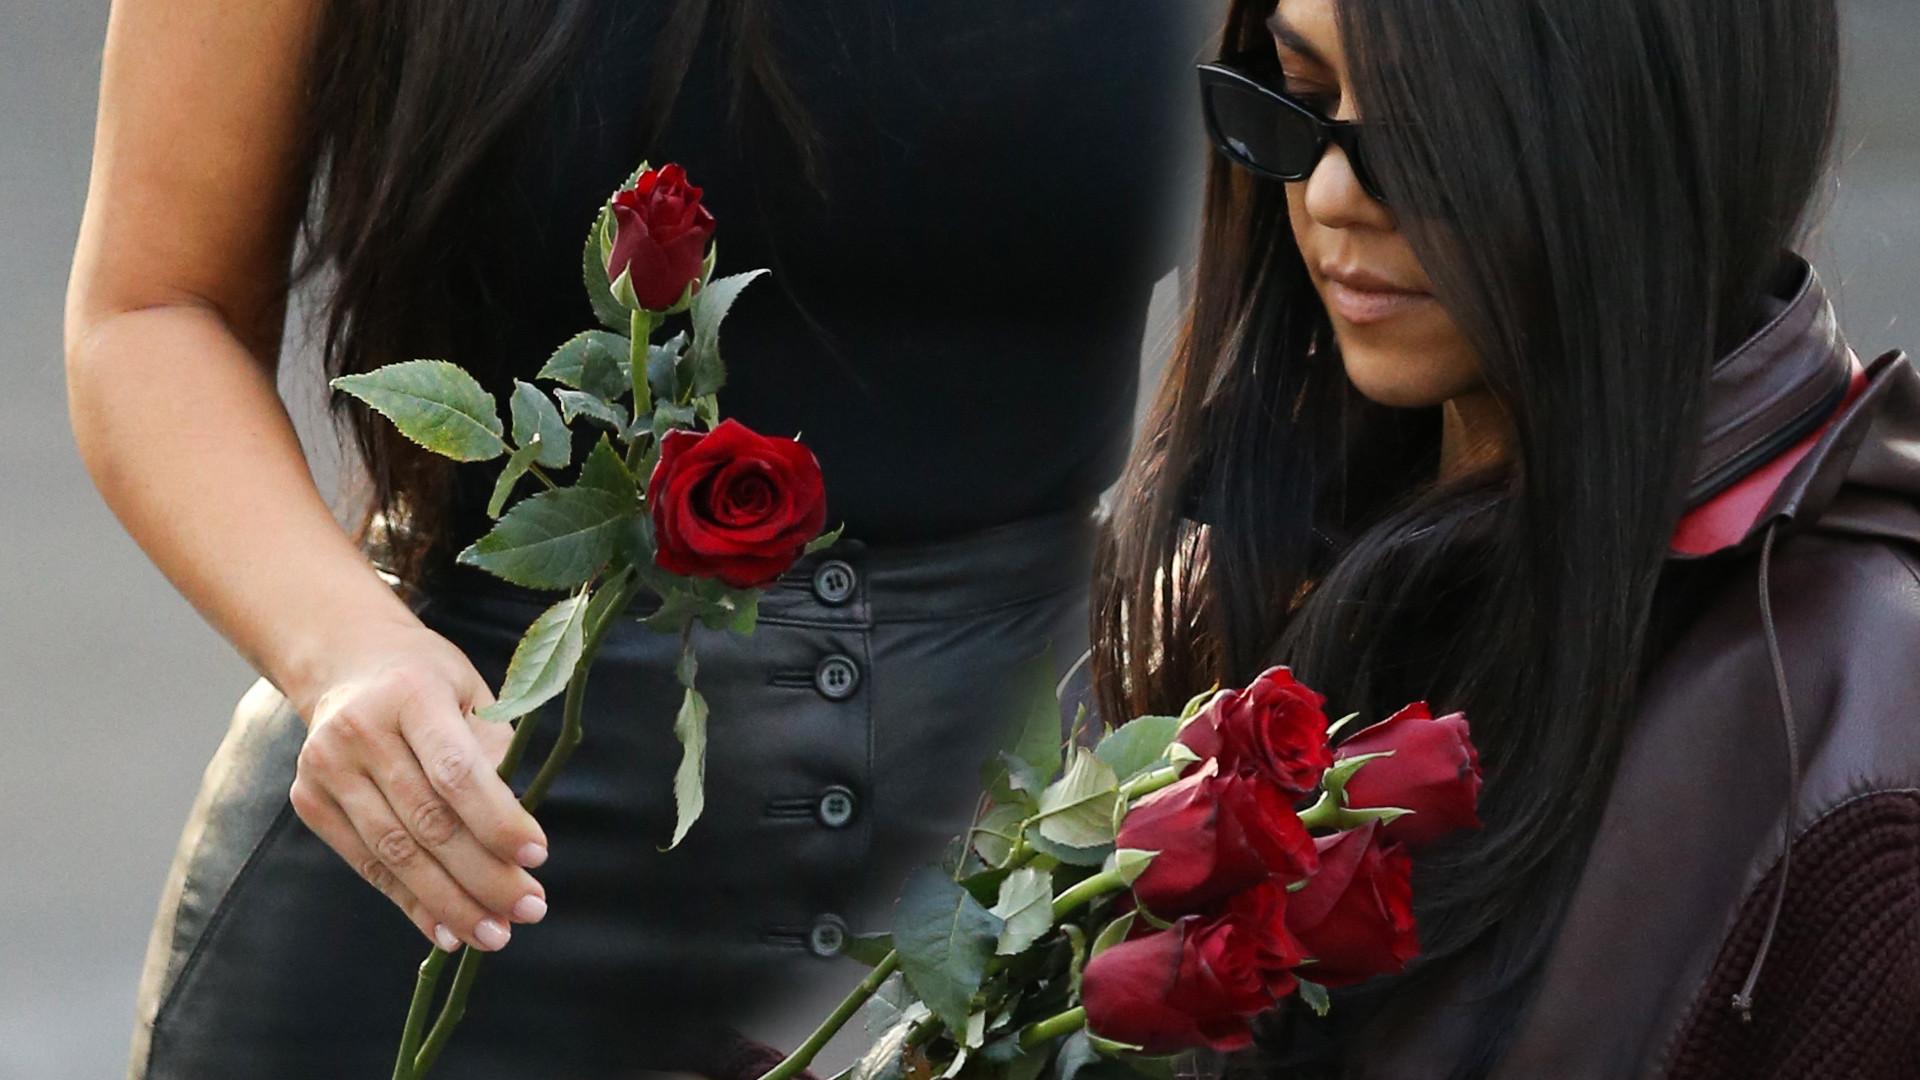 Poważne Kim i Kourtney z różami przy pomniku ofiar ludobójstwa w Armenii (ZDJĘCIA)